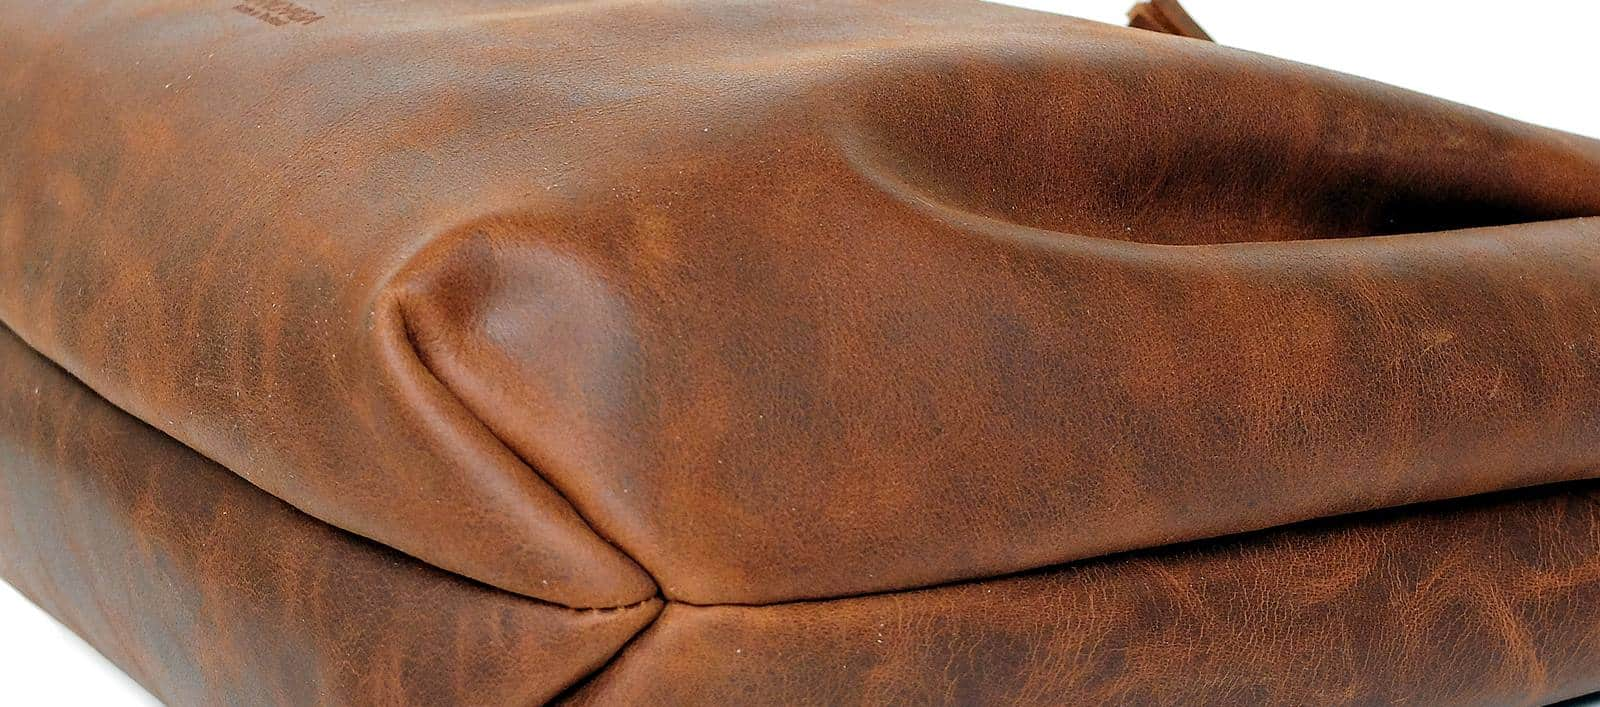 หนังแท้ Genuine leather